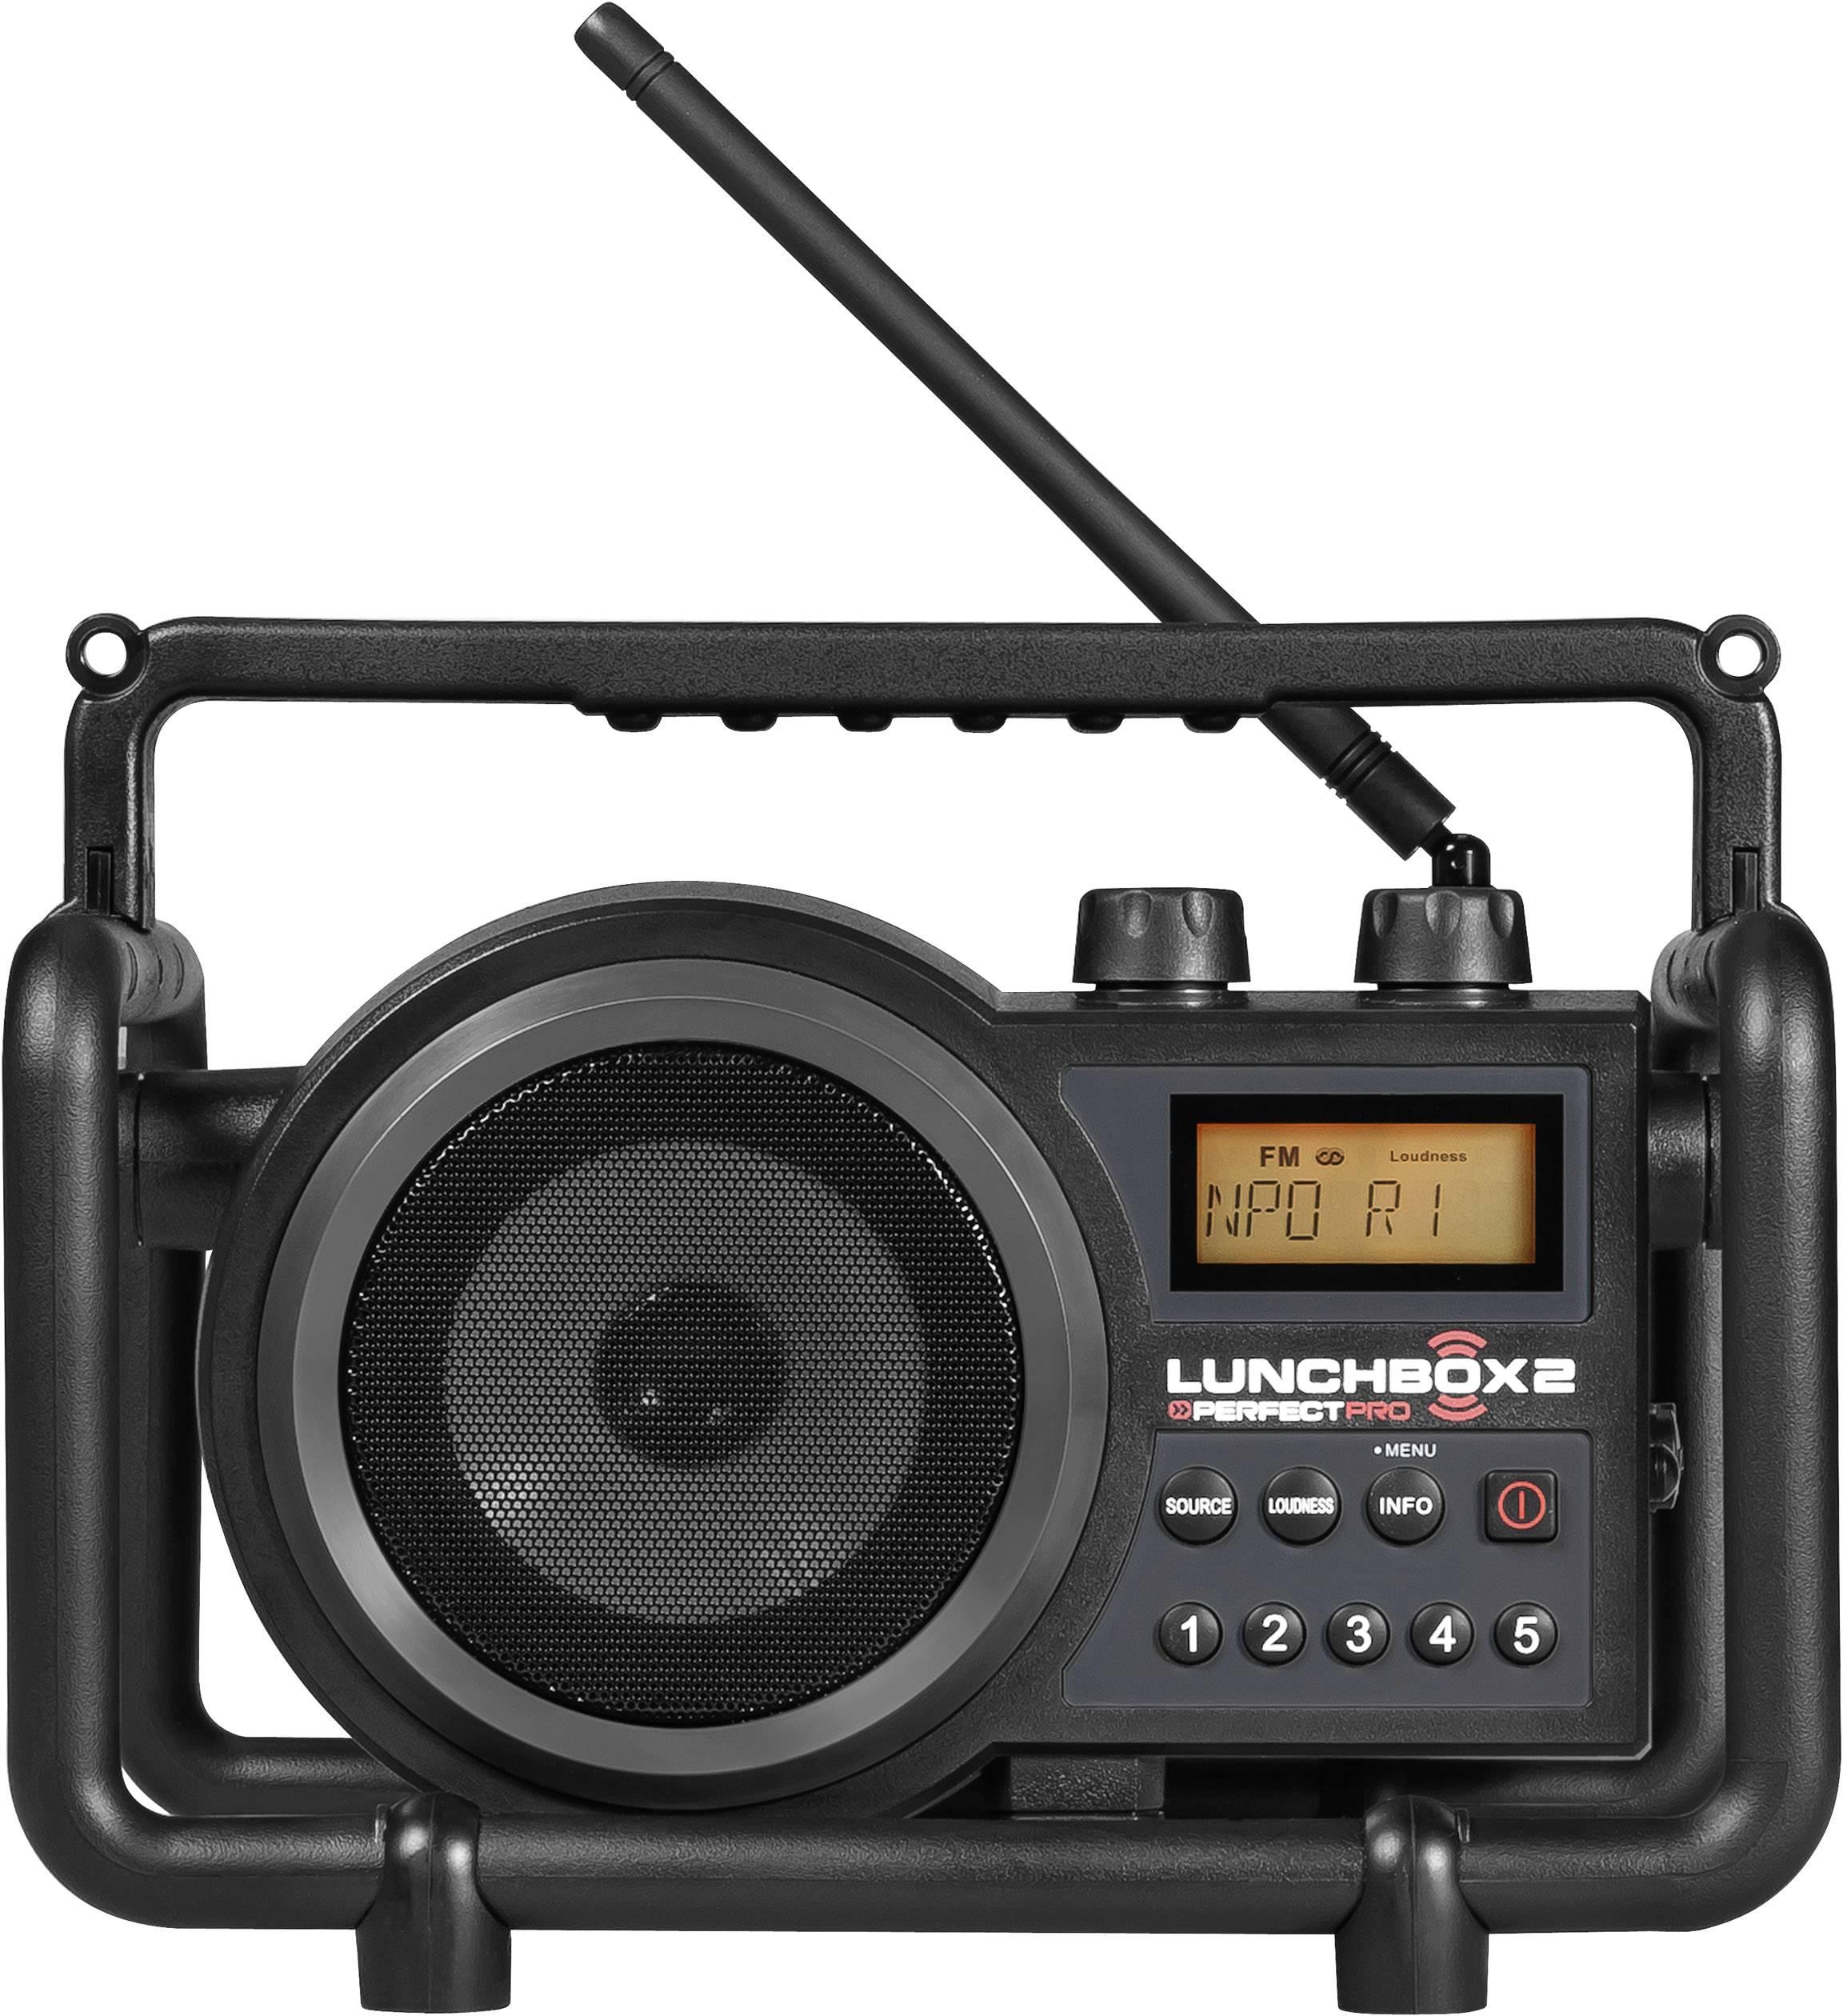 FM outdoorové rádio PerfectPro Lunchbox 2, AUX, MW, UKW, čierna